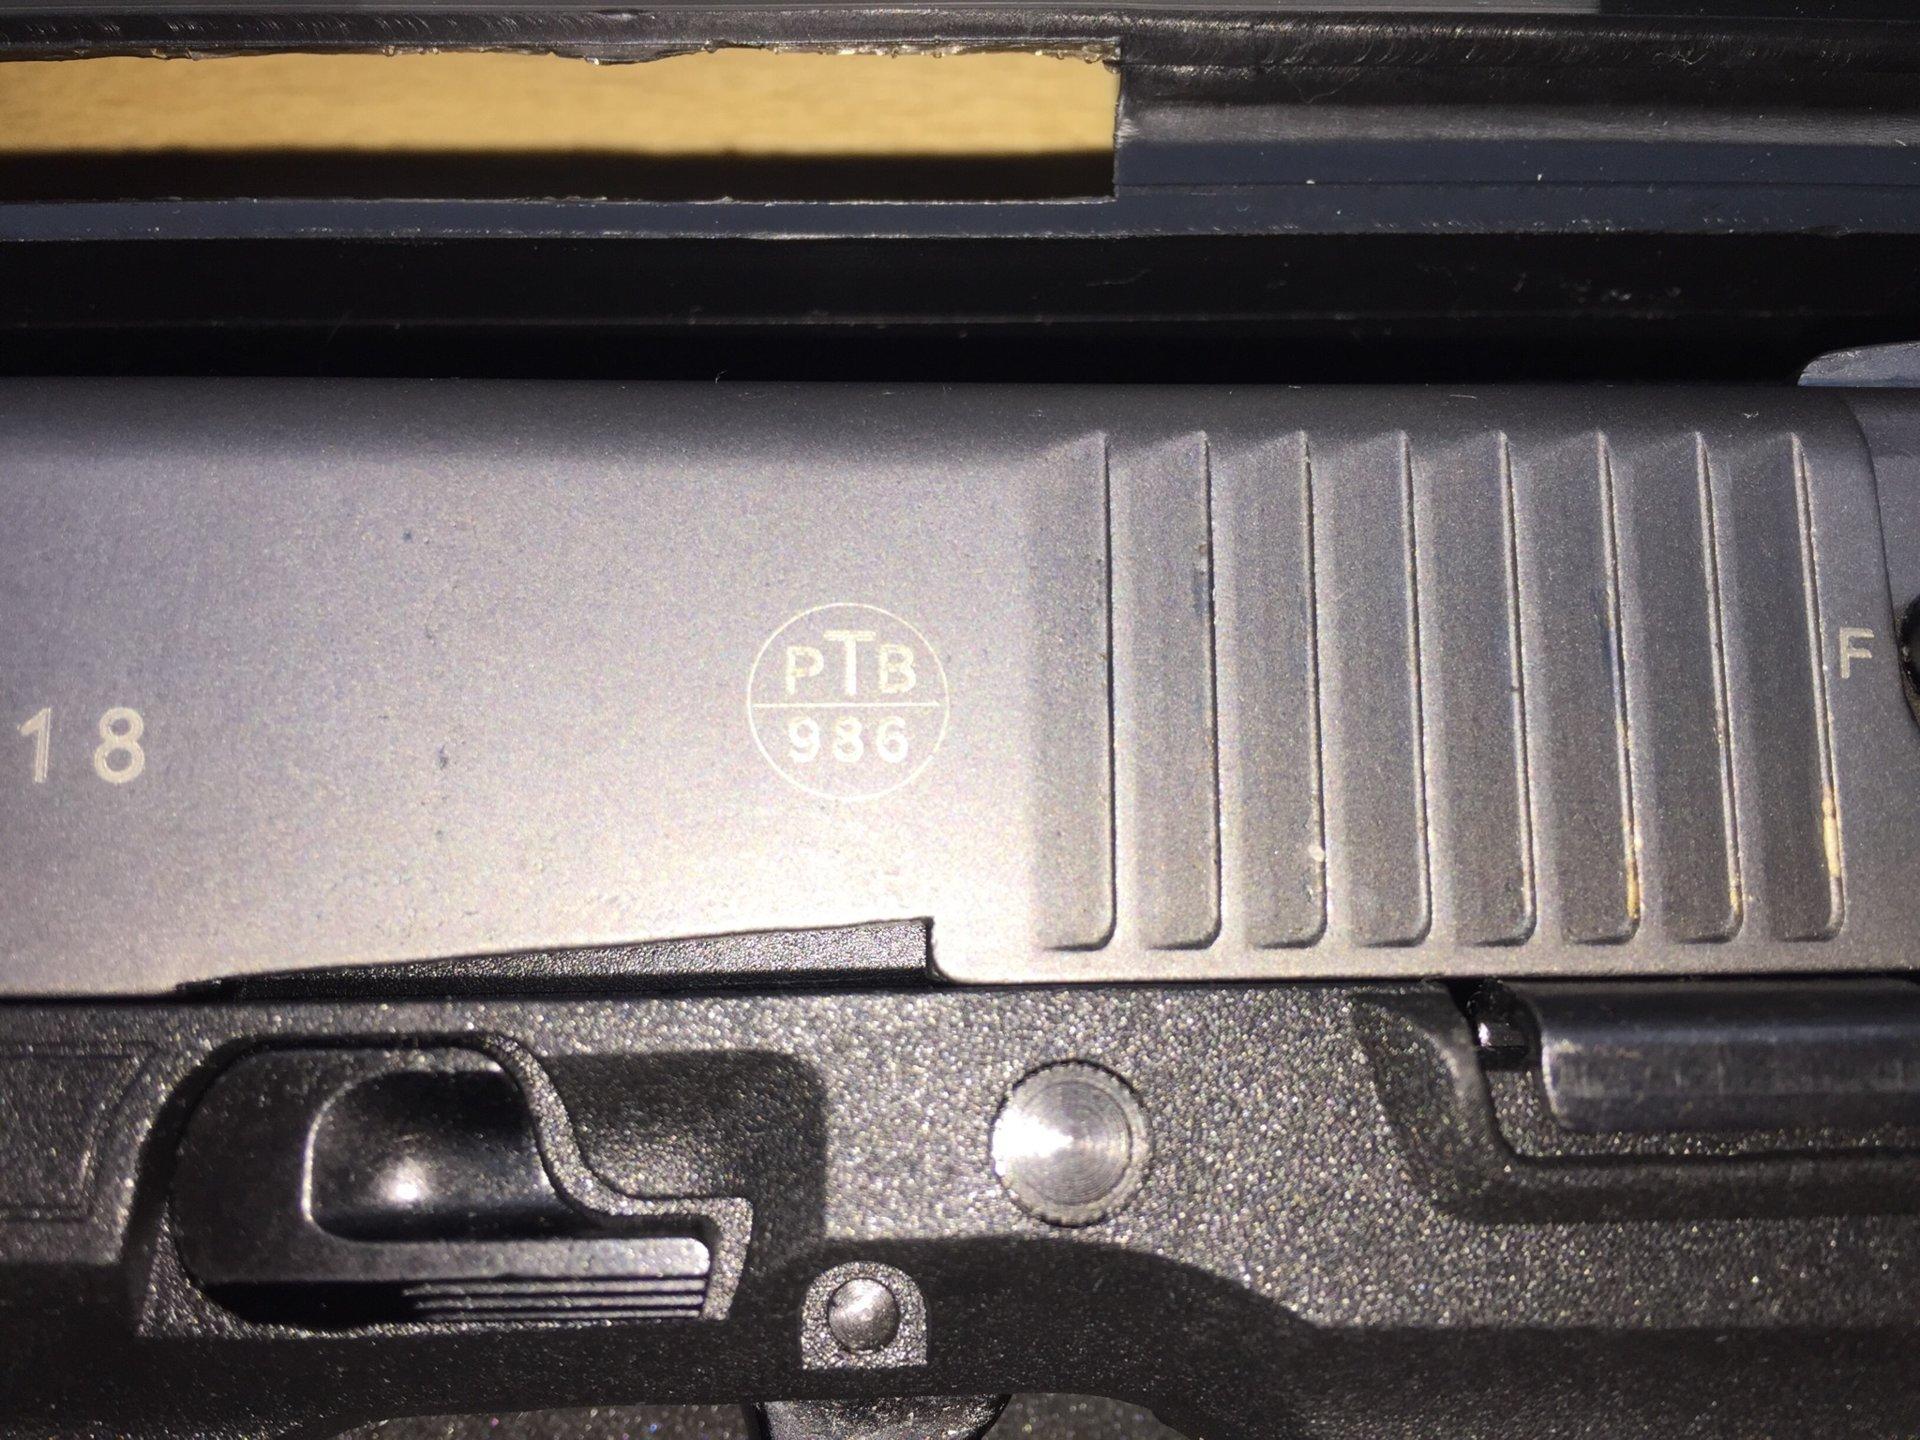 25C8DDB6-27ED-4547-92BF-094D6F40EDF1.jpeg